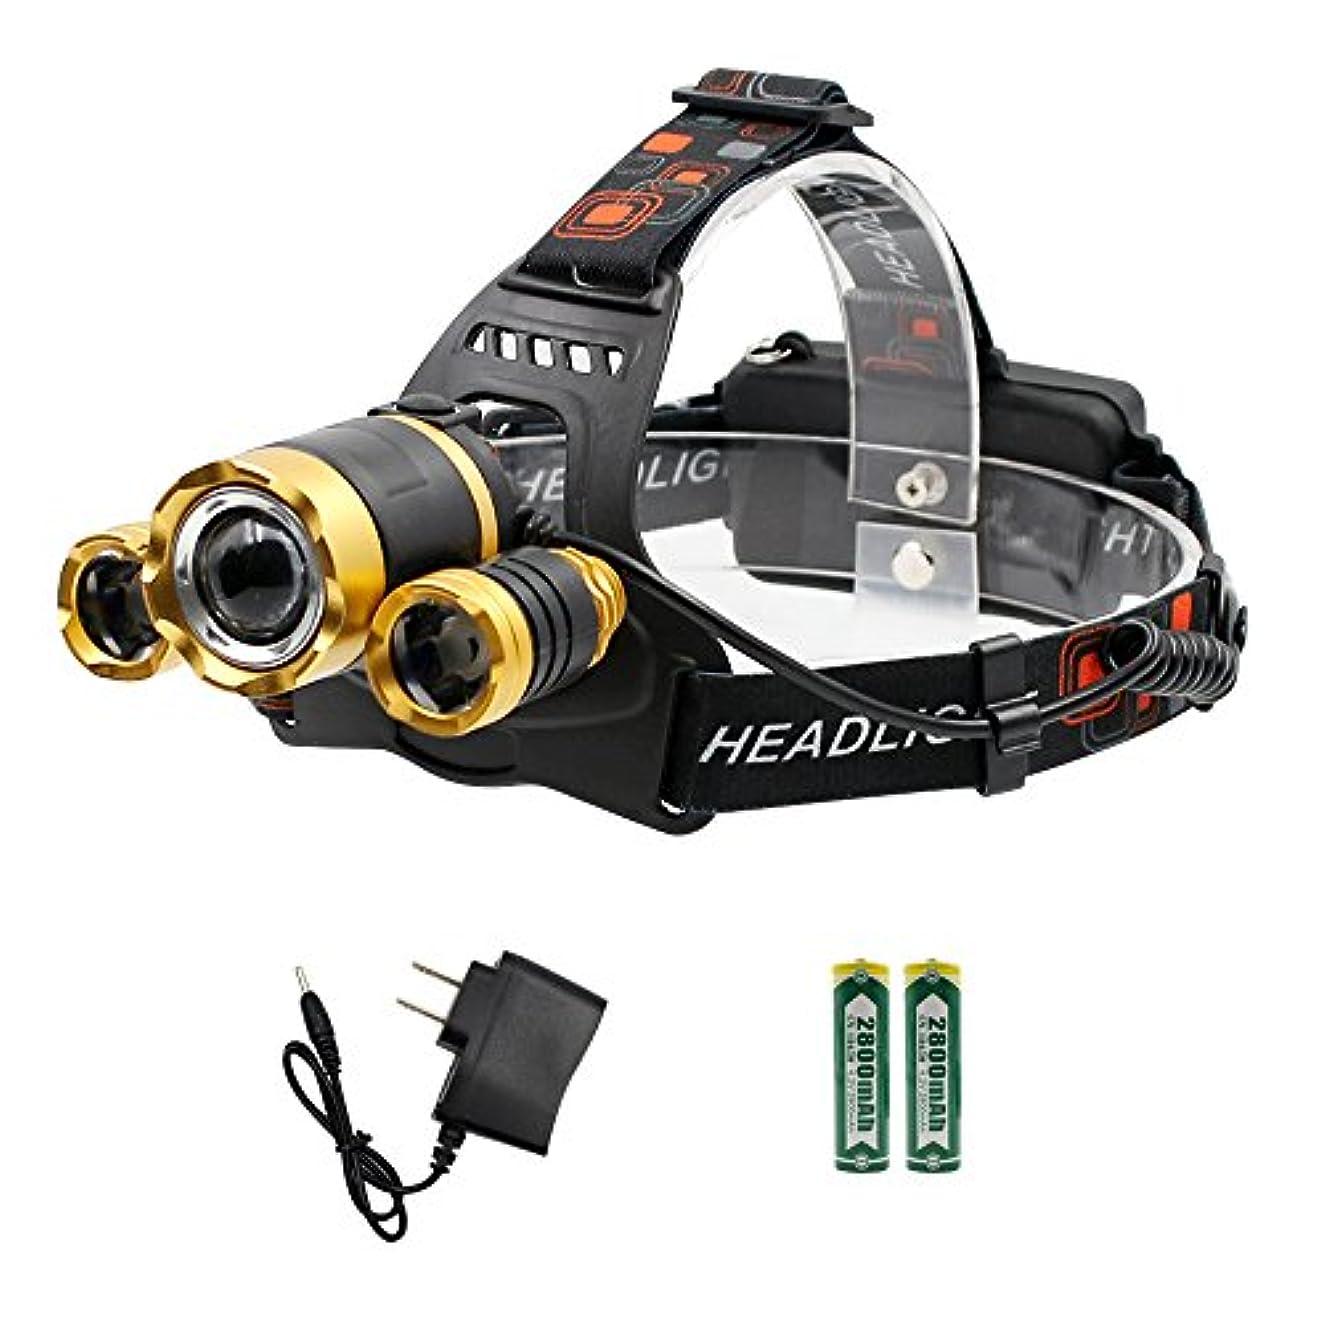 派生するおばあさん湿度LEDヘッドライト LEDヘッドランプ 作業灯 4モード 防水仕様 軽量 高輝度LED 角度調節可能 ズーム機能付 SOSフラッシュ機能 18650リチウムイオン蓄電池 2本付属